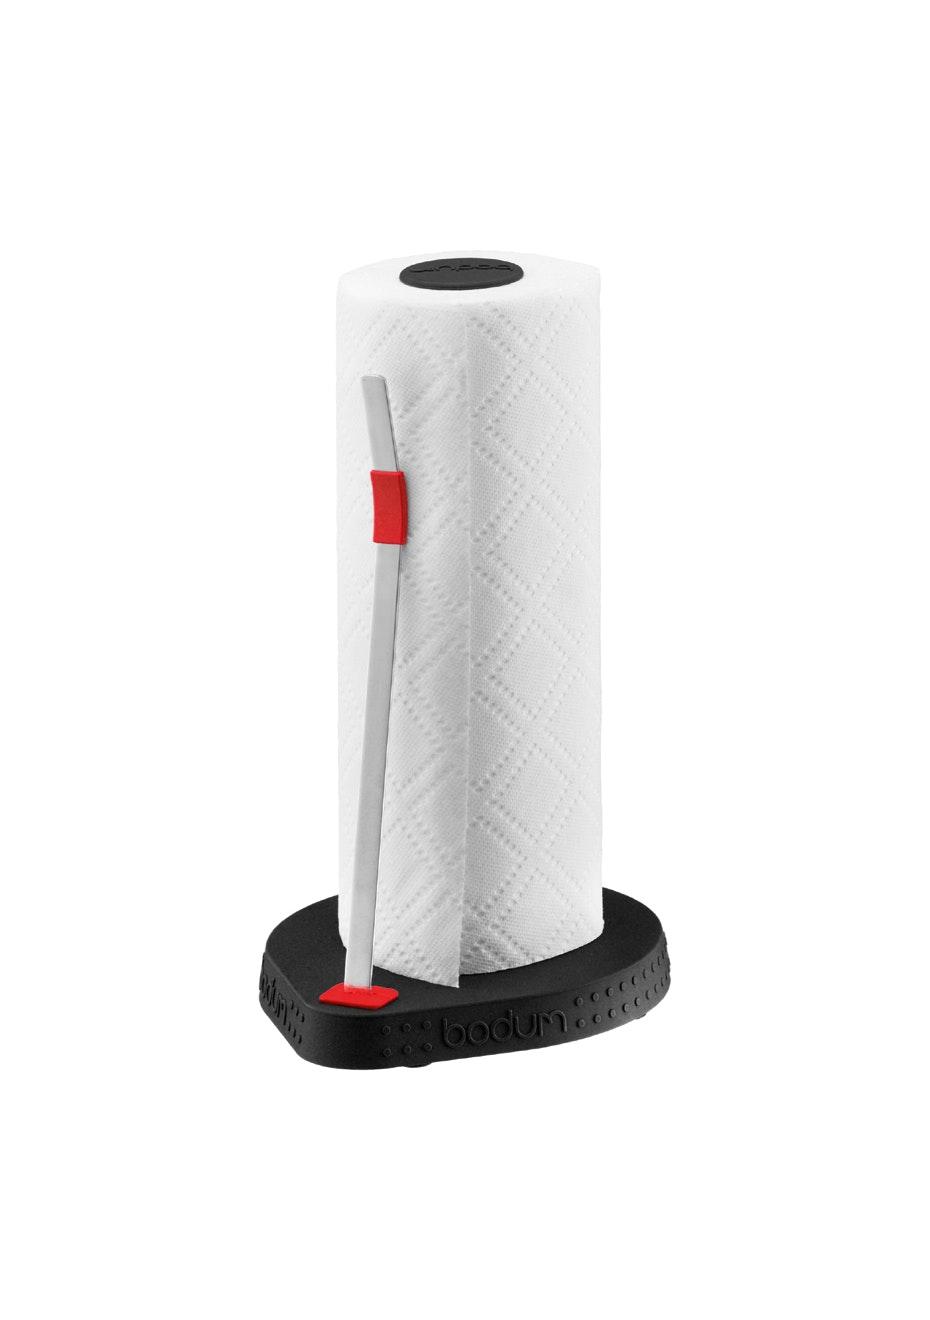 Bodum - Paper Roll Holder - Black